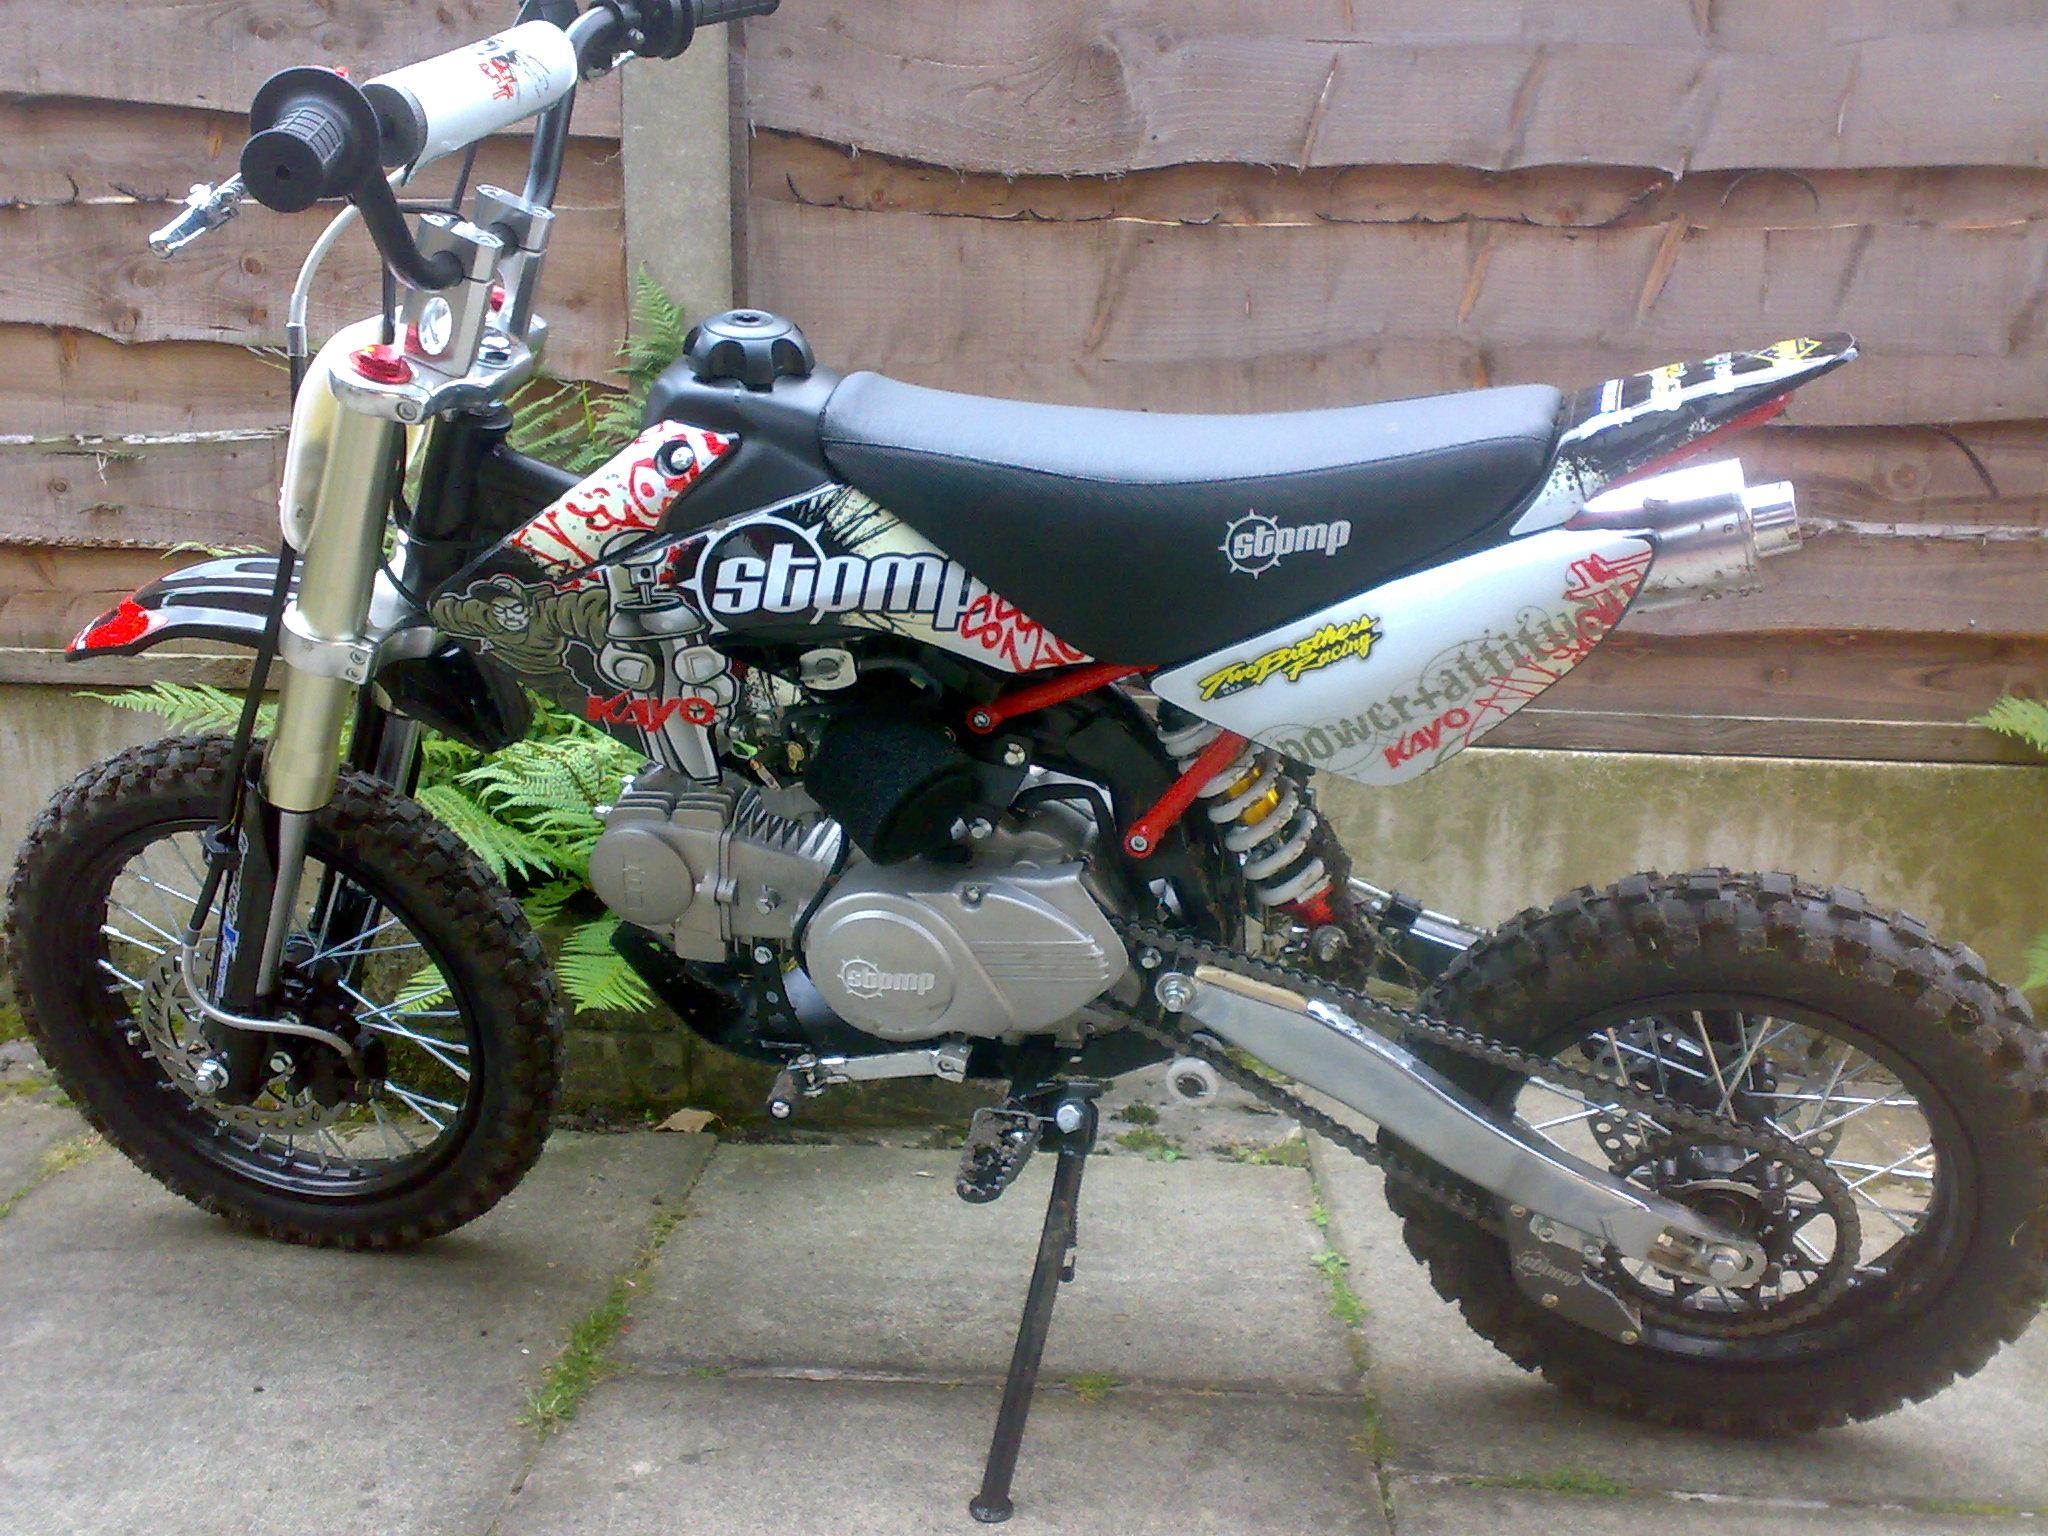 Stomp Dirt Bikes Carburetor Gallery